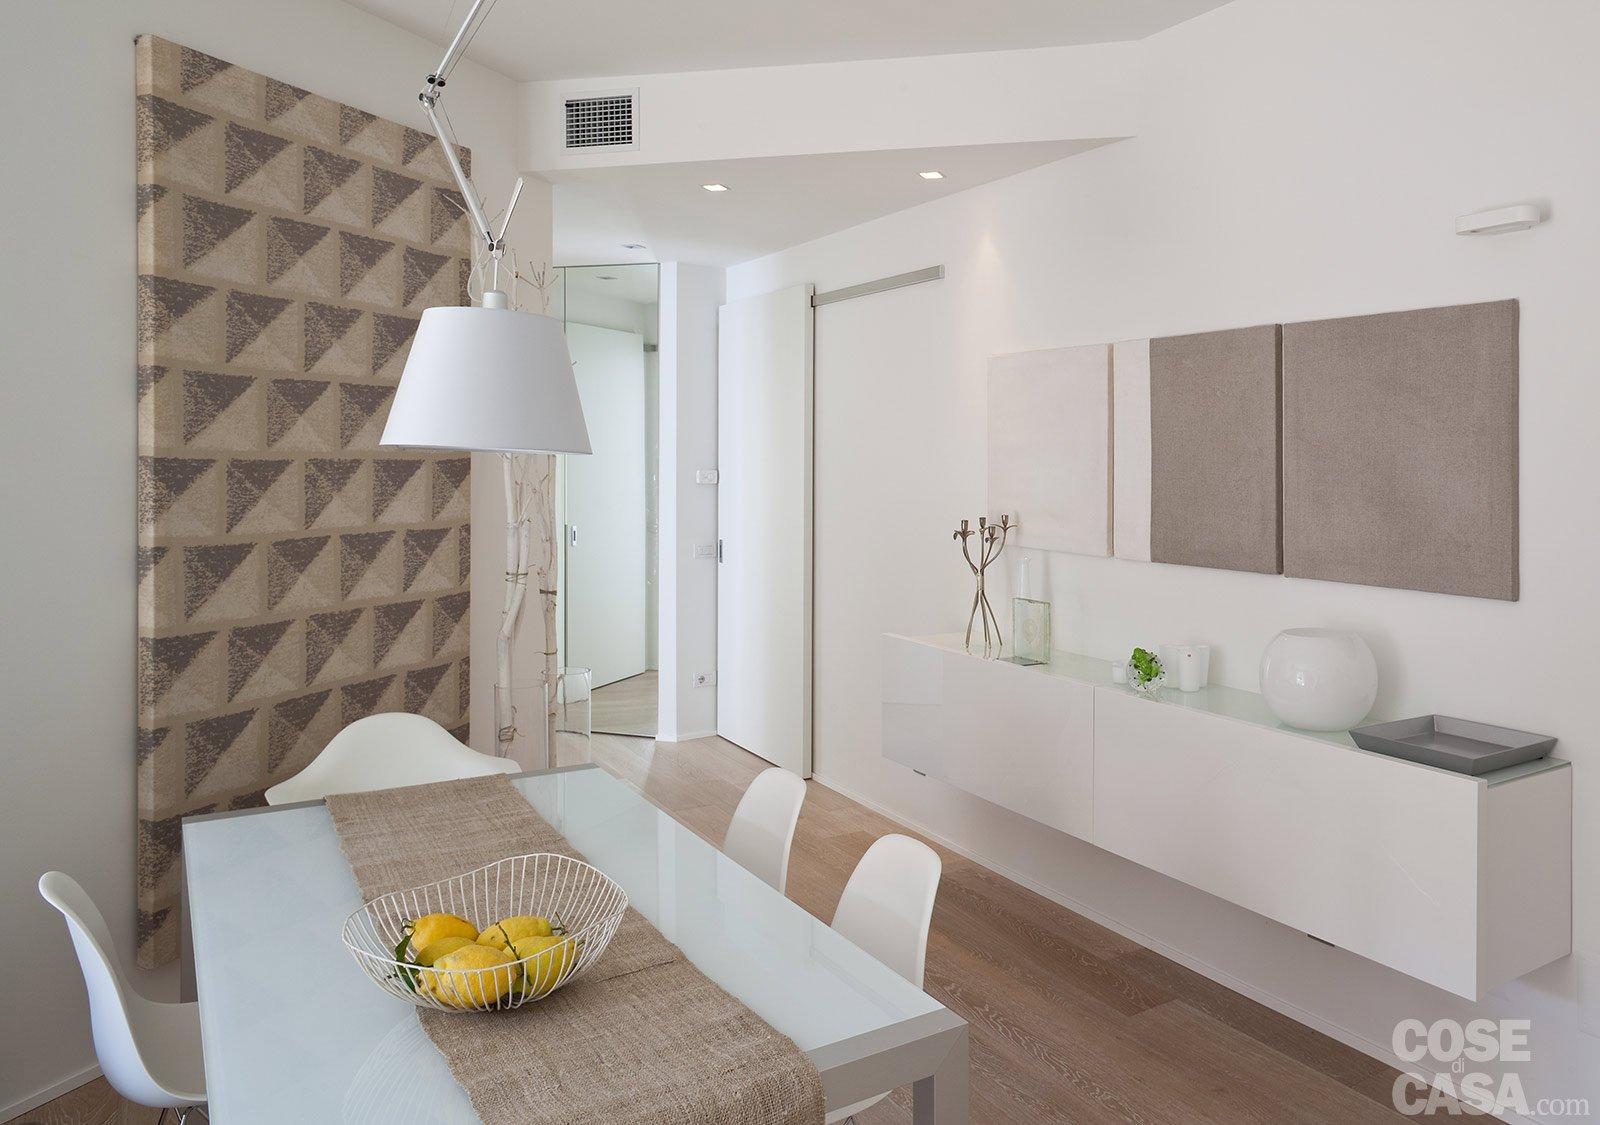 75 mq 10 idee per far sembrare pi grande la casa cose for Oggetti per cucina moderna